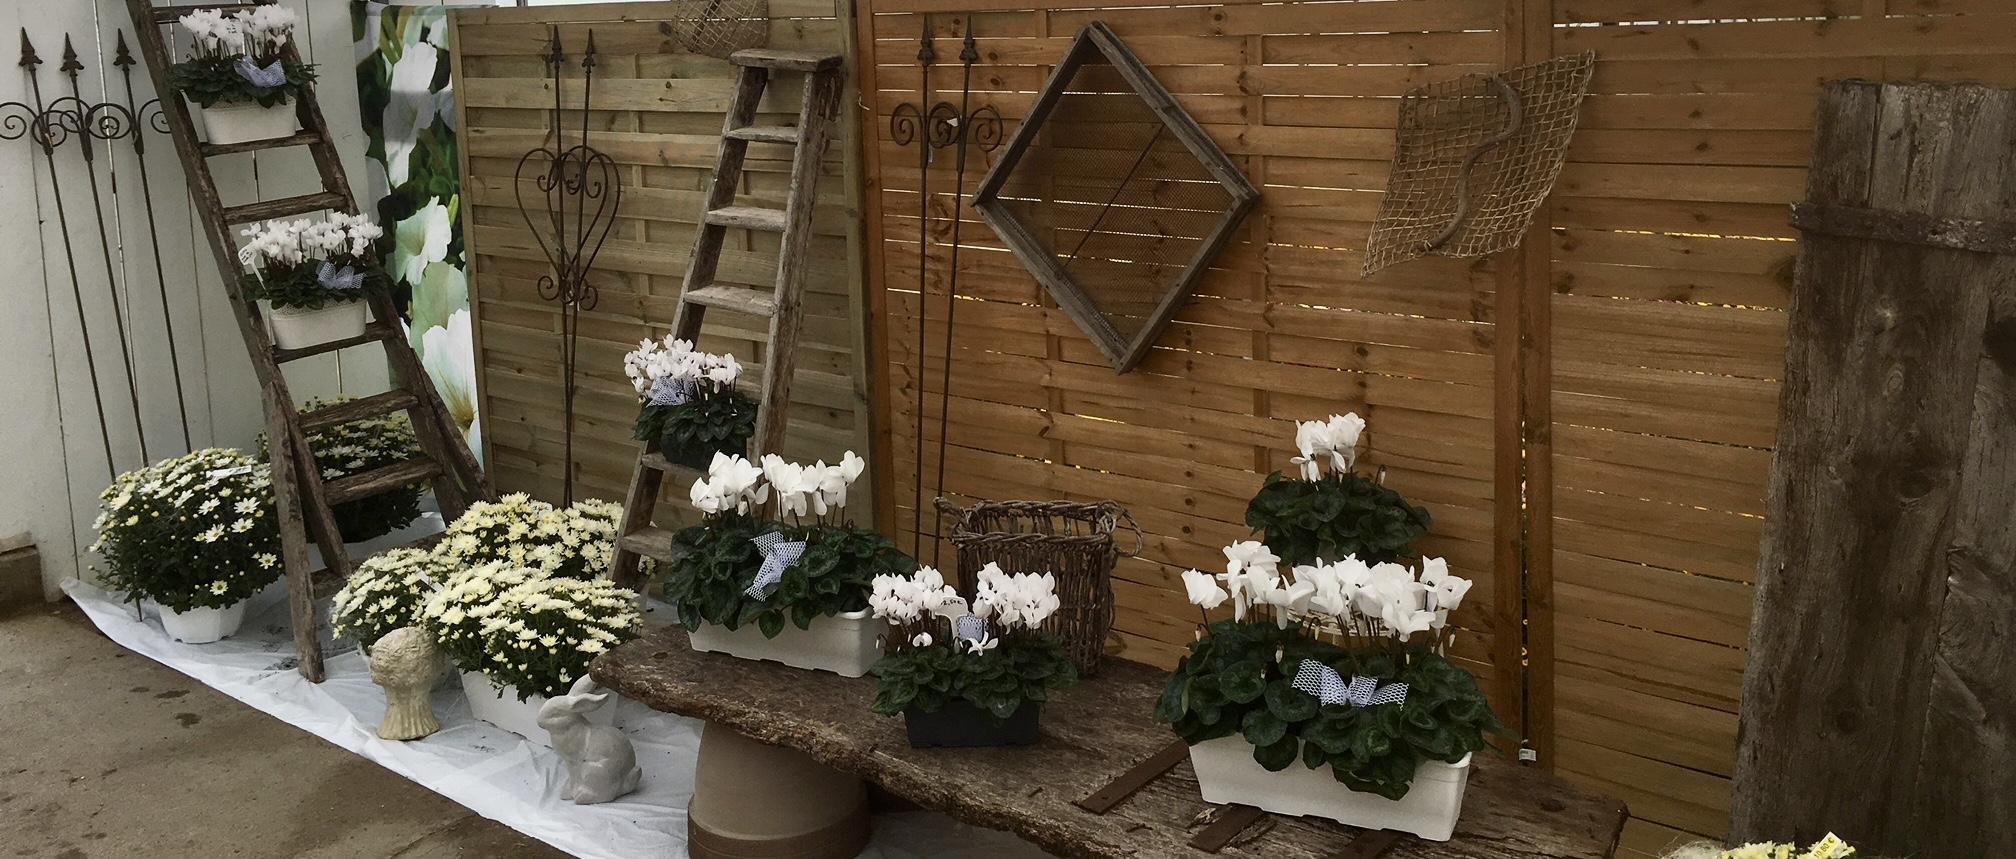 Horticulteur bourran magasin de plantes fleurs l gumes for Magasin de plantes